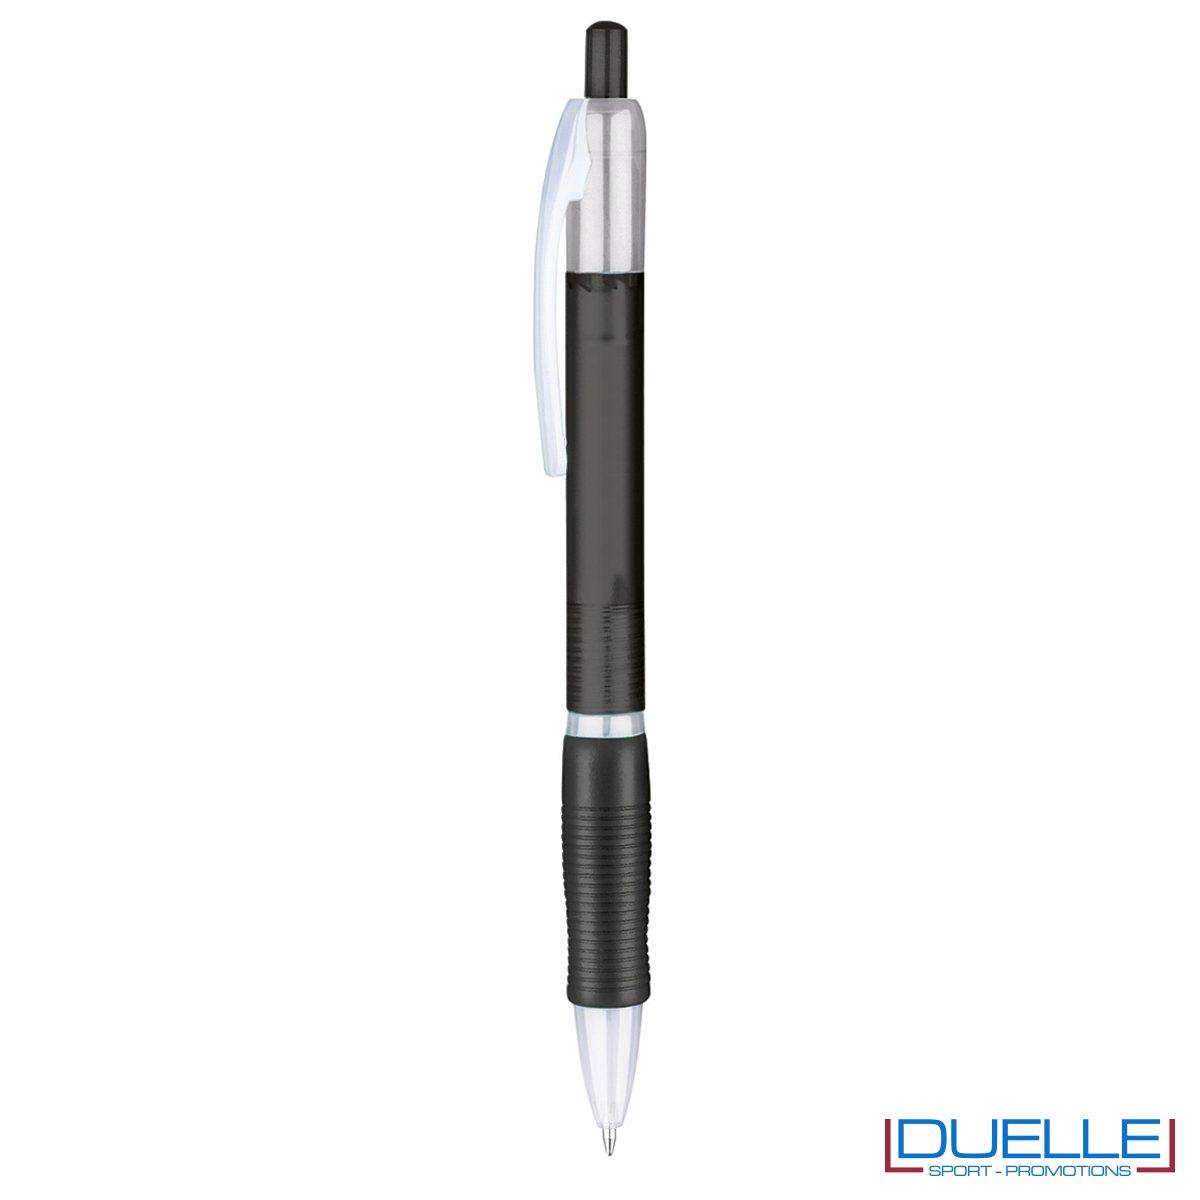 penna personalizzabile economica in colore nero fusto frost, offerta penne economiche personalizzabili in colore nero fusto frost